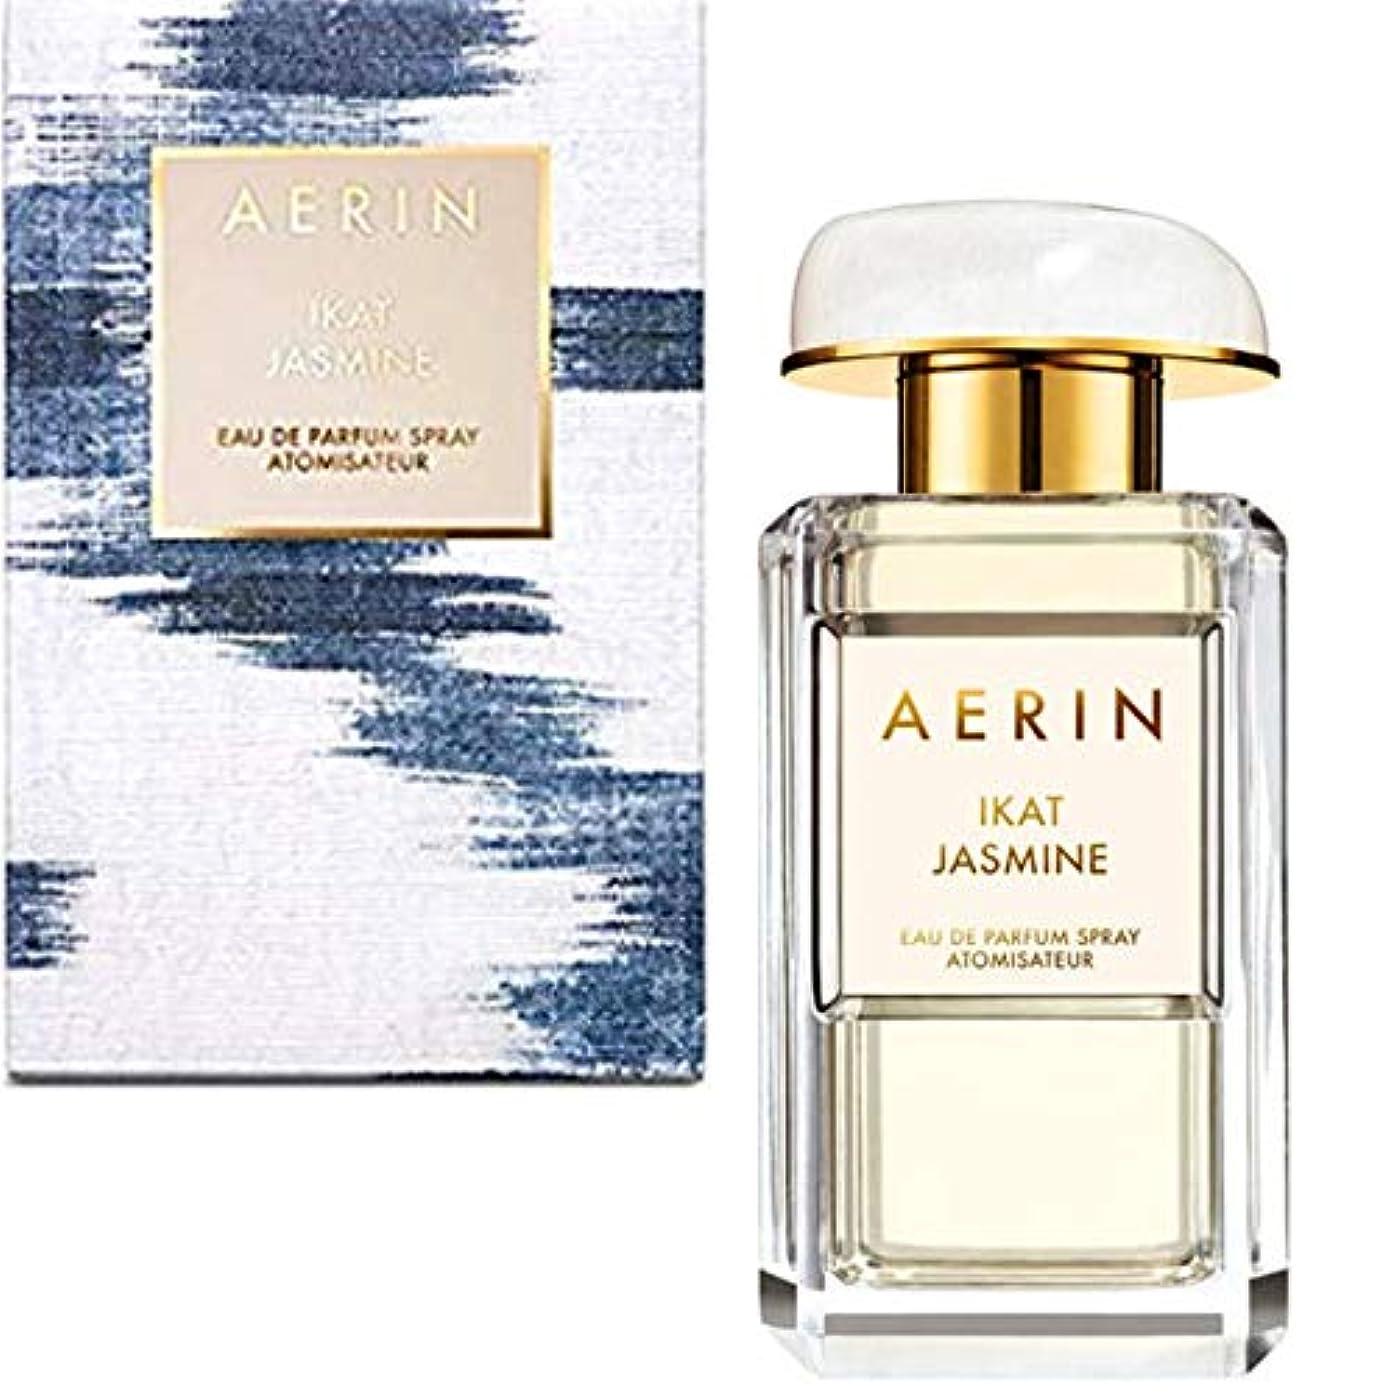 汚れた賞賛するのAERIN 'Ikat Jasmine' (アエリン イカ ジャスミン) 1.7 oz (50ml) EDP Spray by Estee Lauder for Women [海外直送品] [並行輸入品]